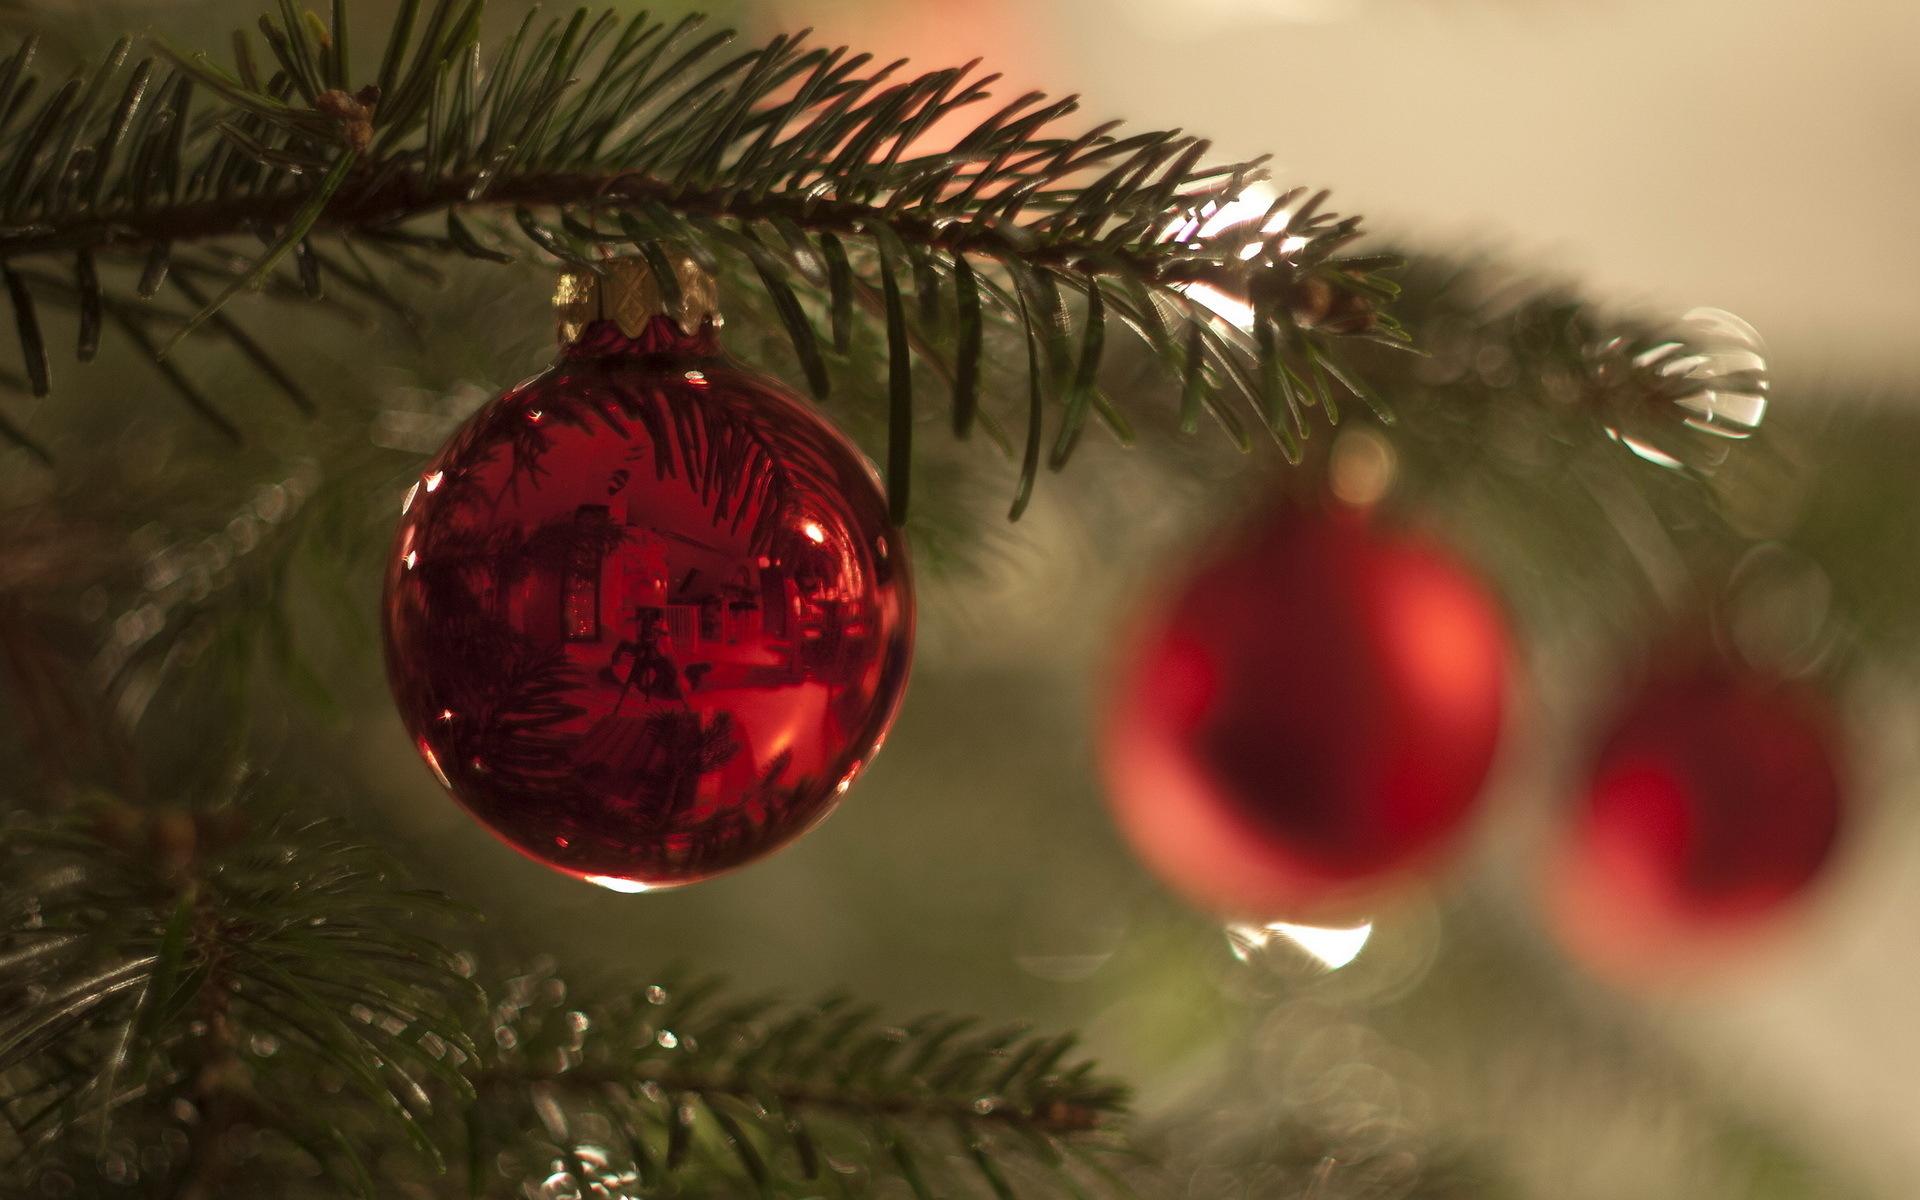 Новогодние обои [1920х1050 - 8736х5672] [150шт] JPEG